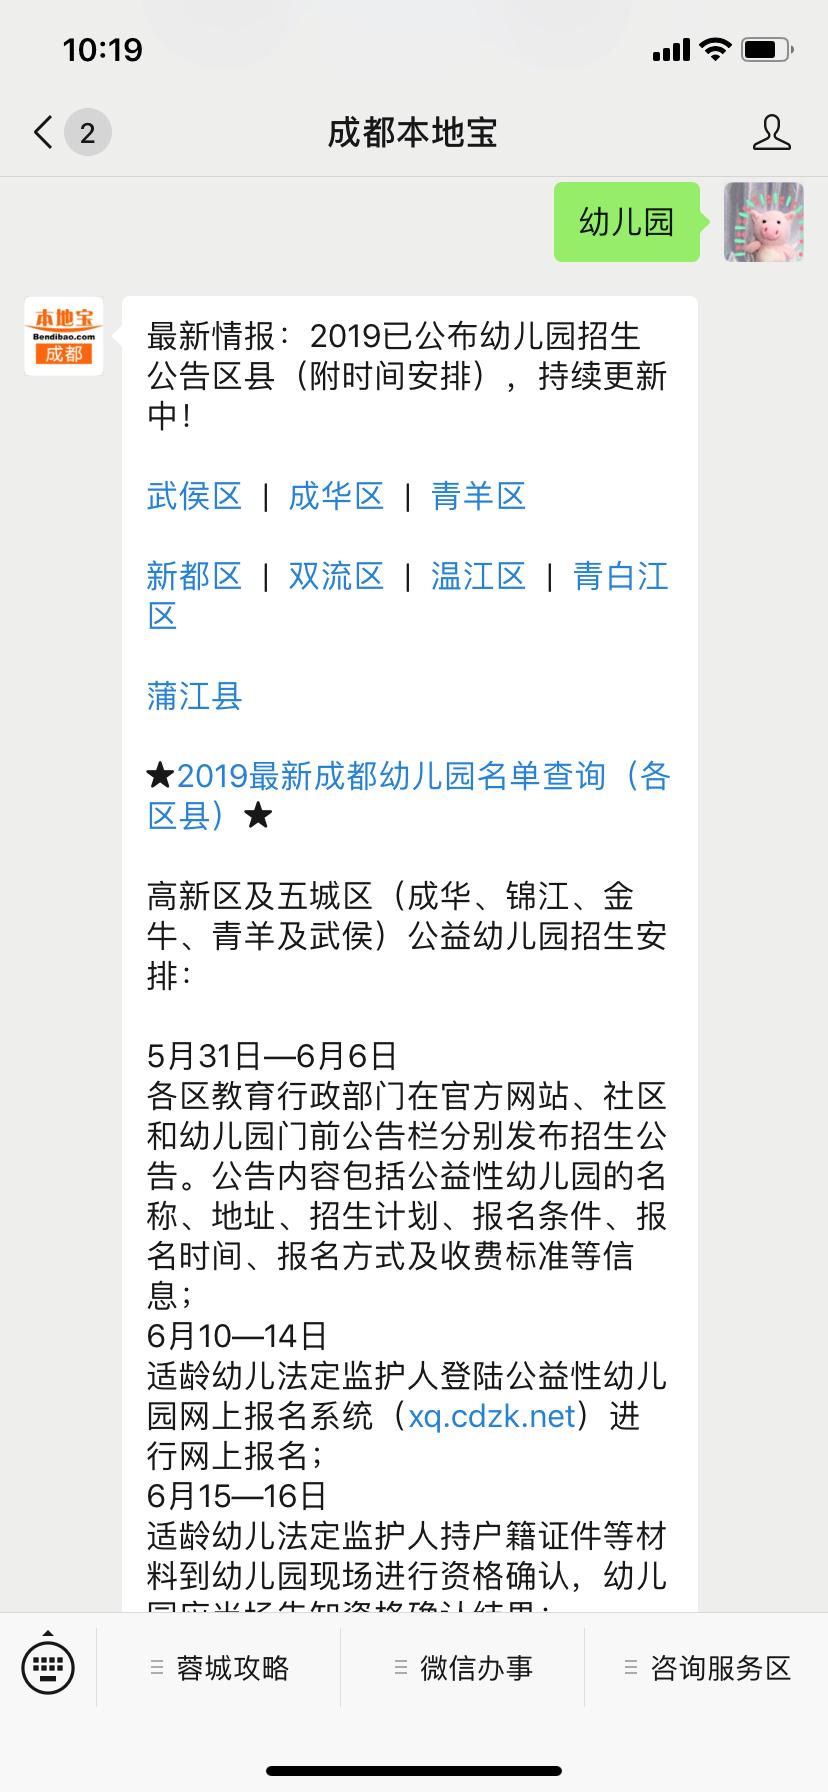 2019年成都各区县幼儿园名单汇总(街道 地址 电话 性质)